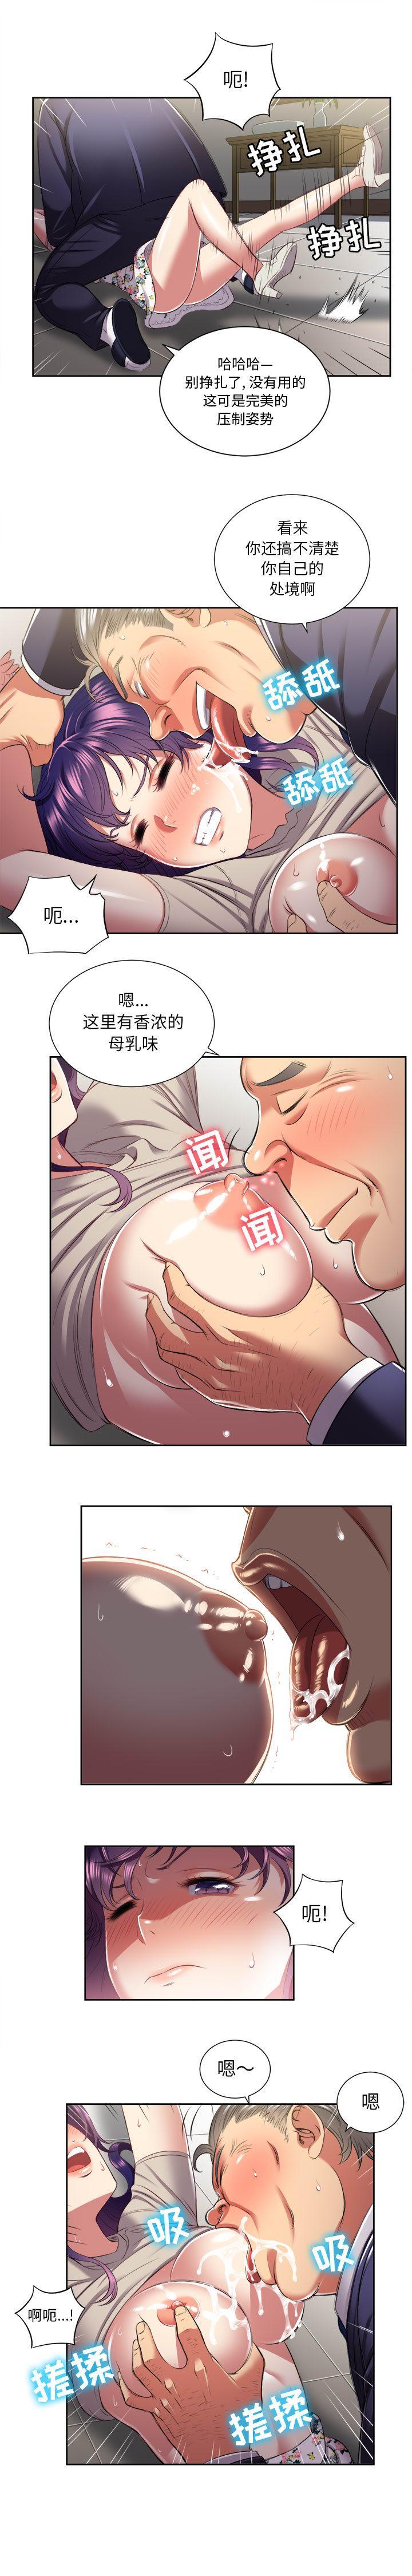 由莉的秘密1-60 中文翻译 (更新中) 154